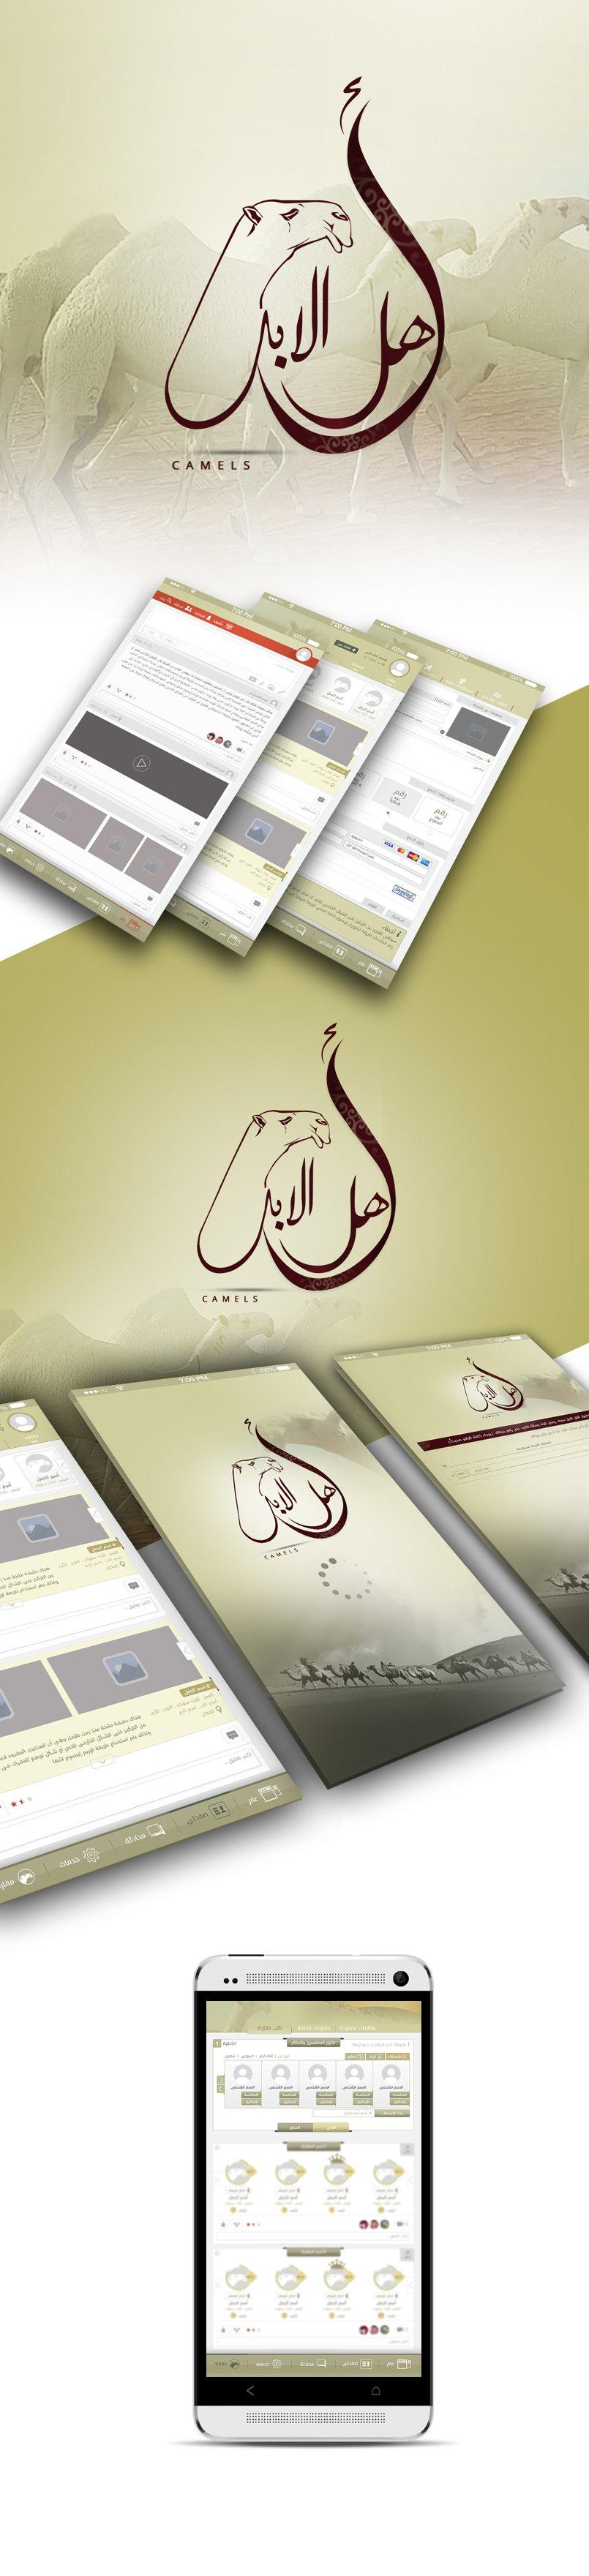 app - camels